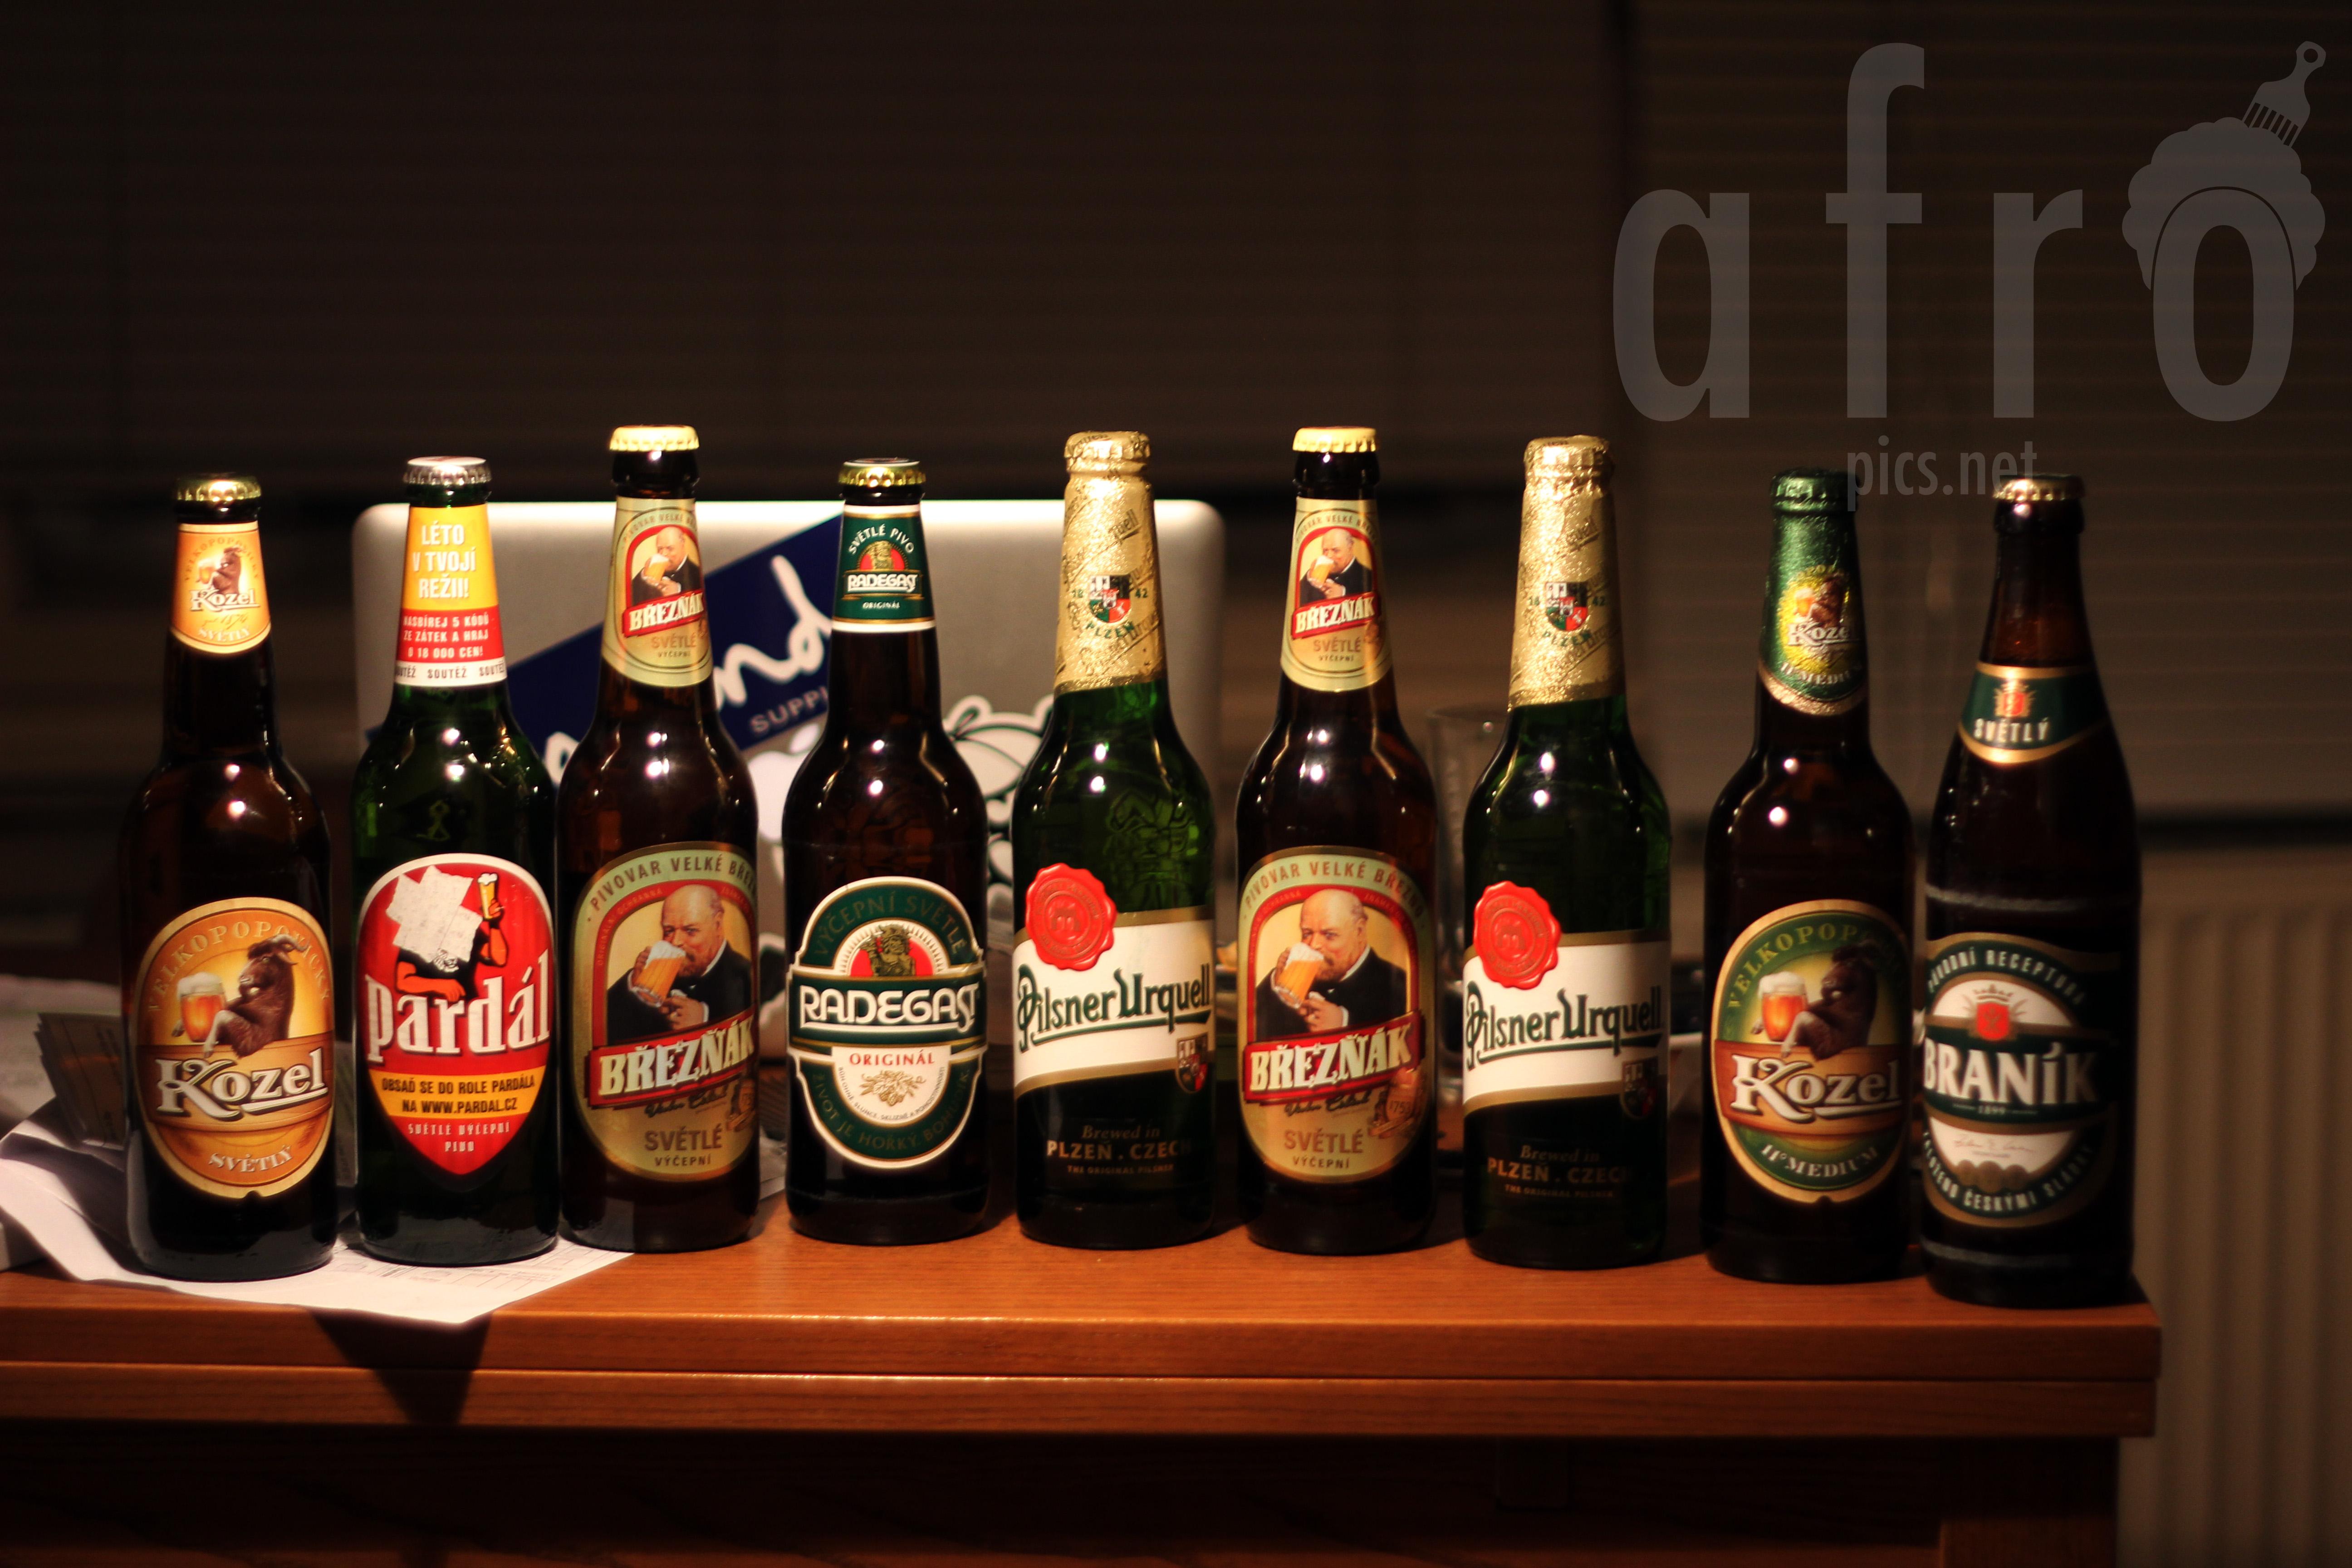 можно ли вывозить рецепт чешского пива из страны